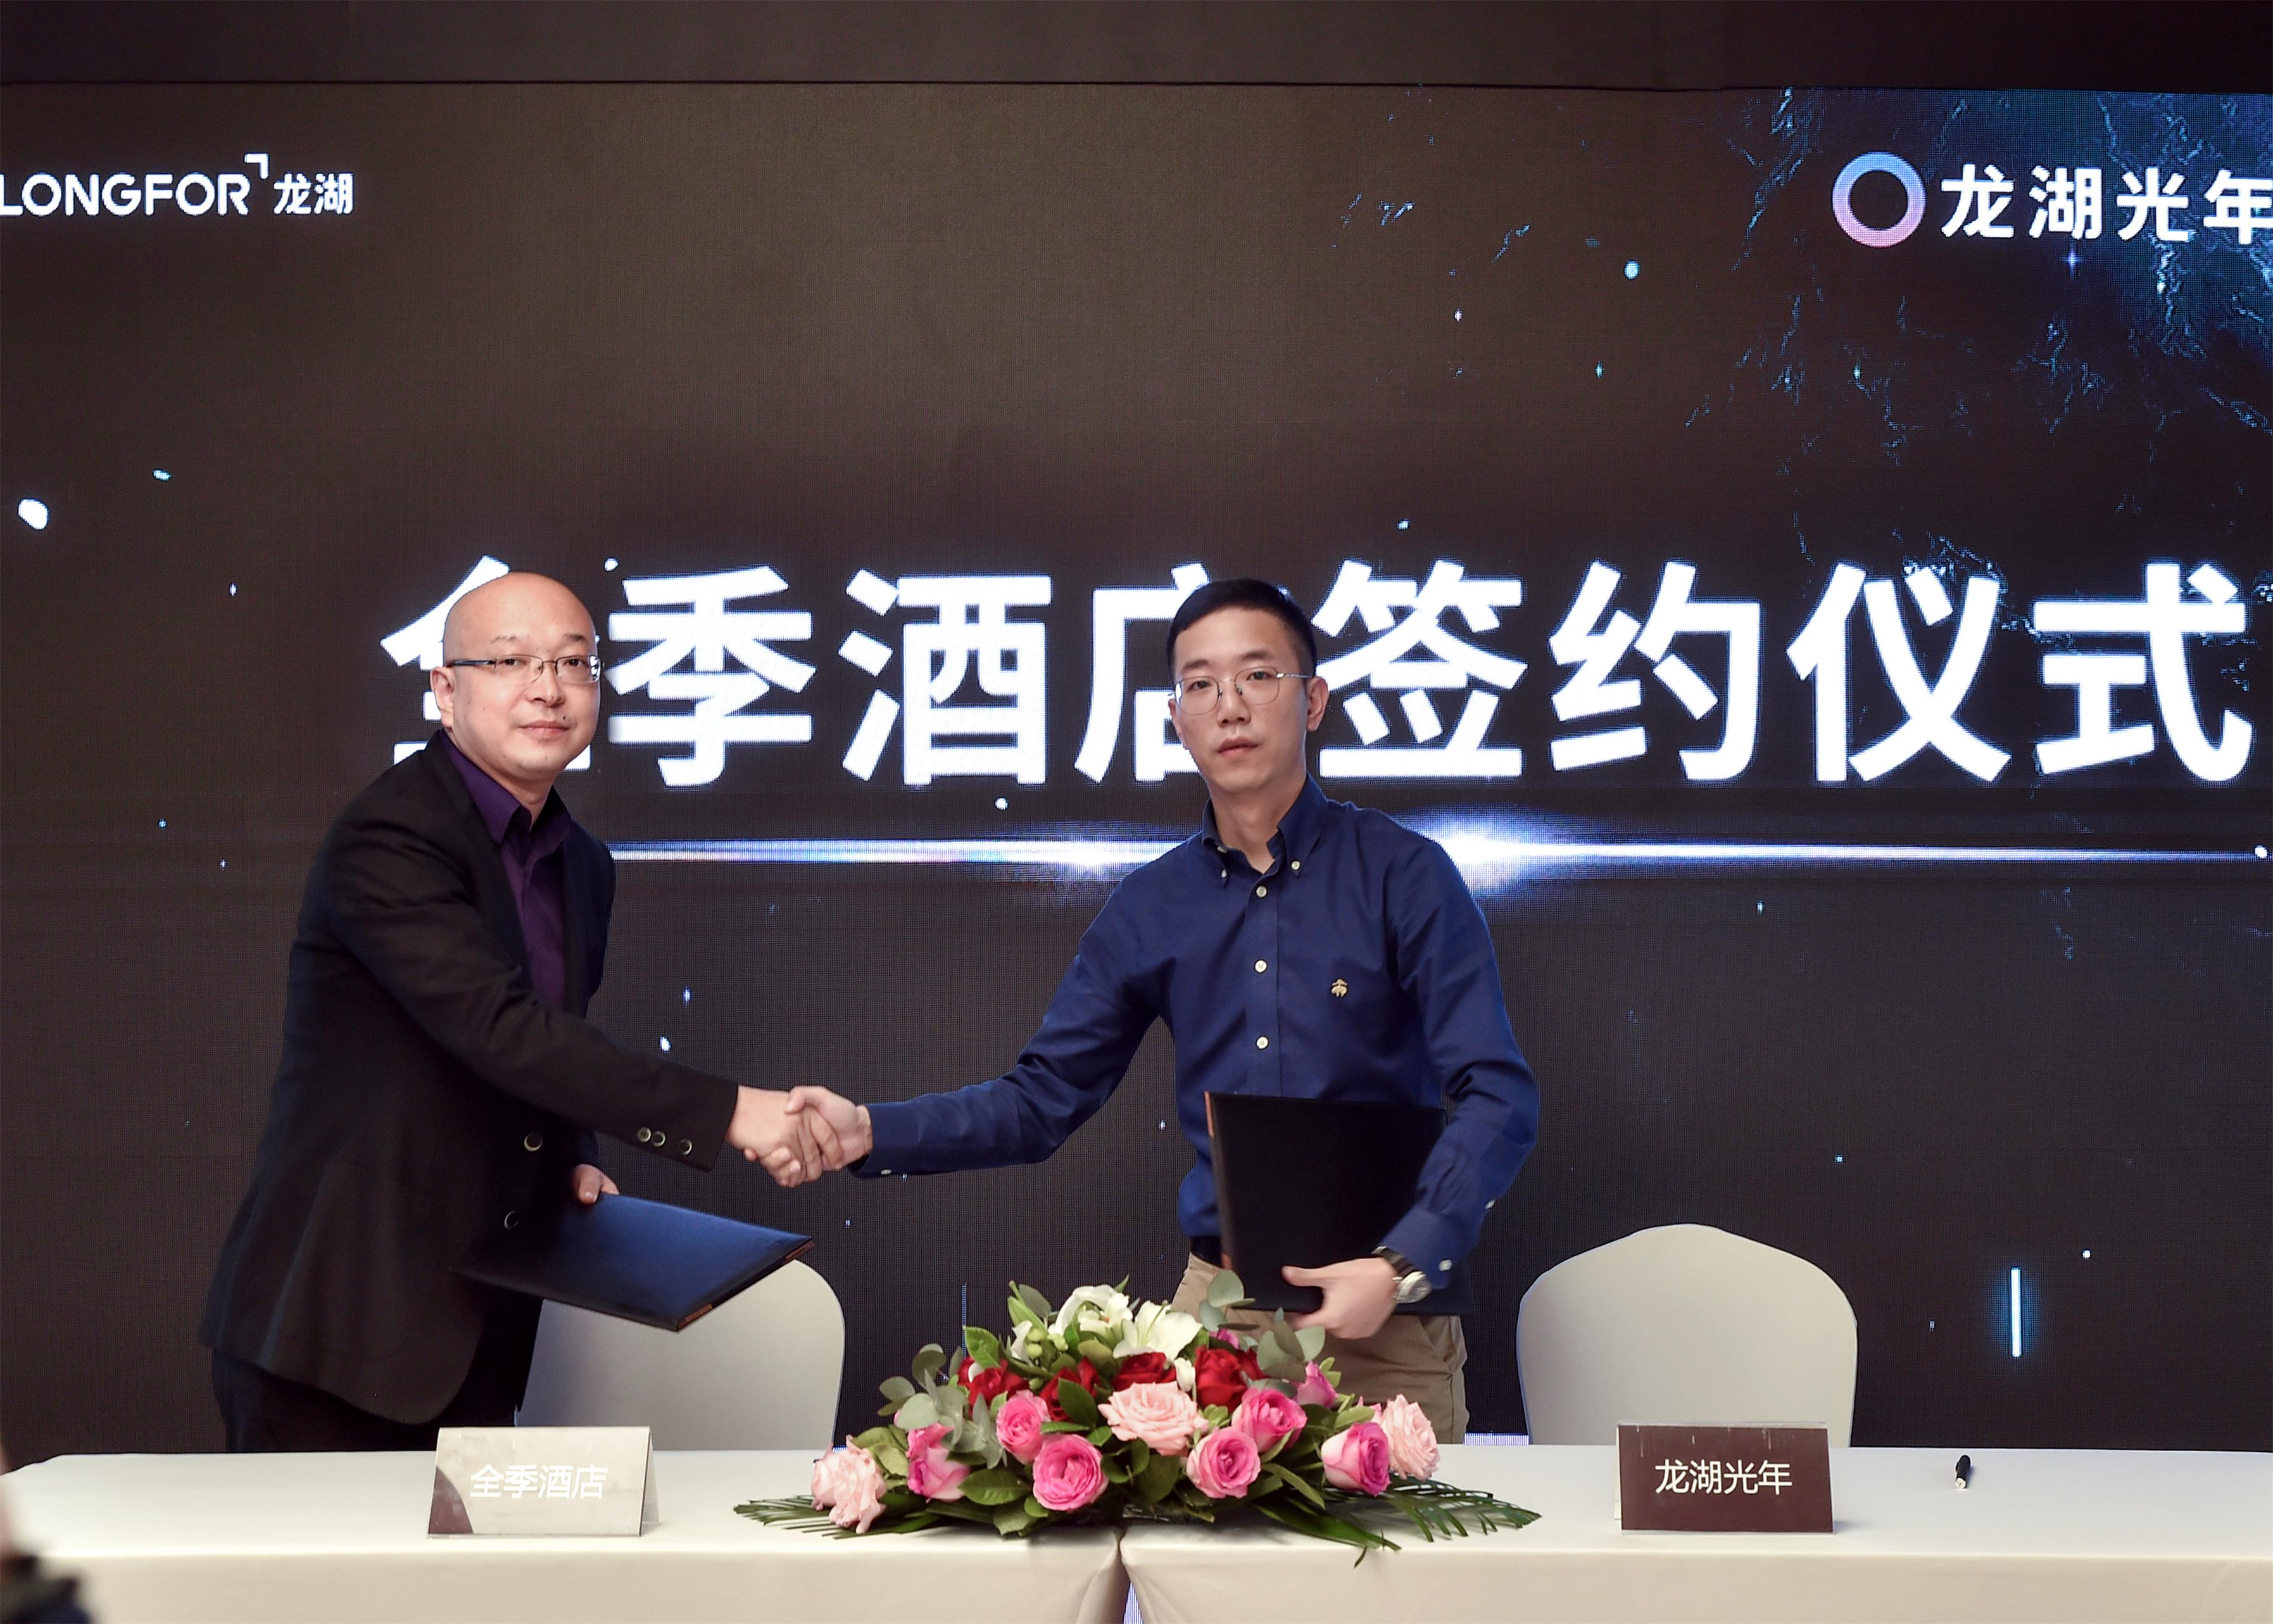 全季酒店携手龙湖光年 首个知名品牌入驻